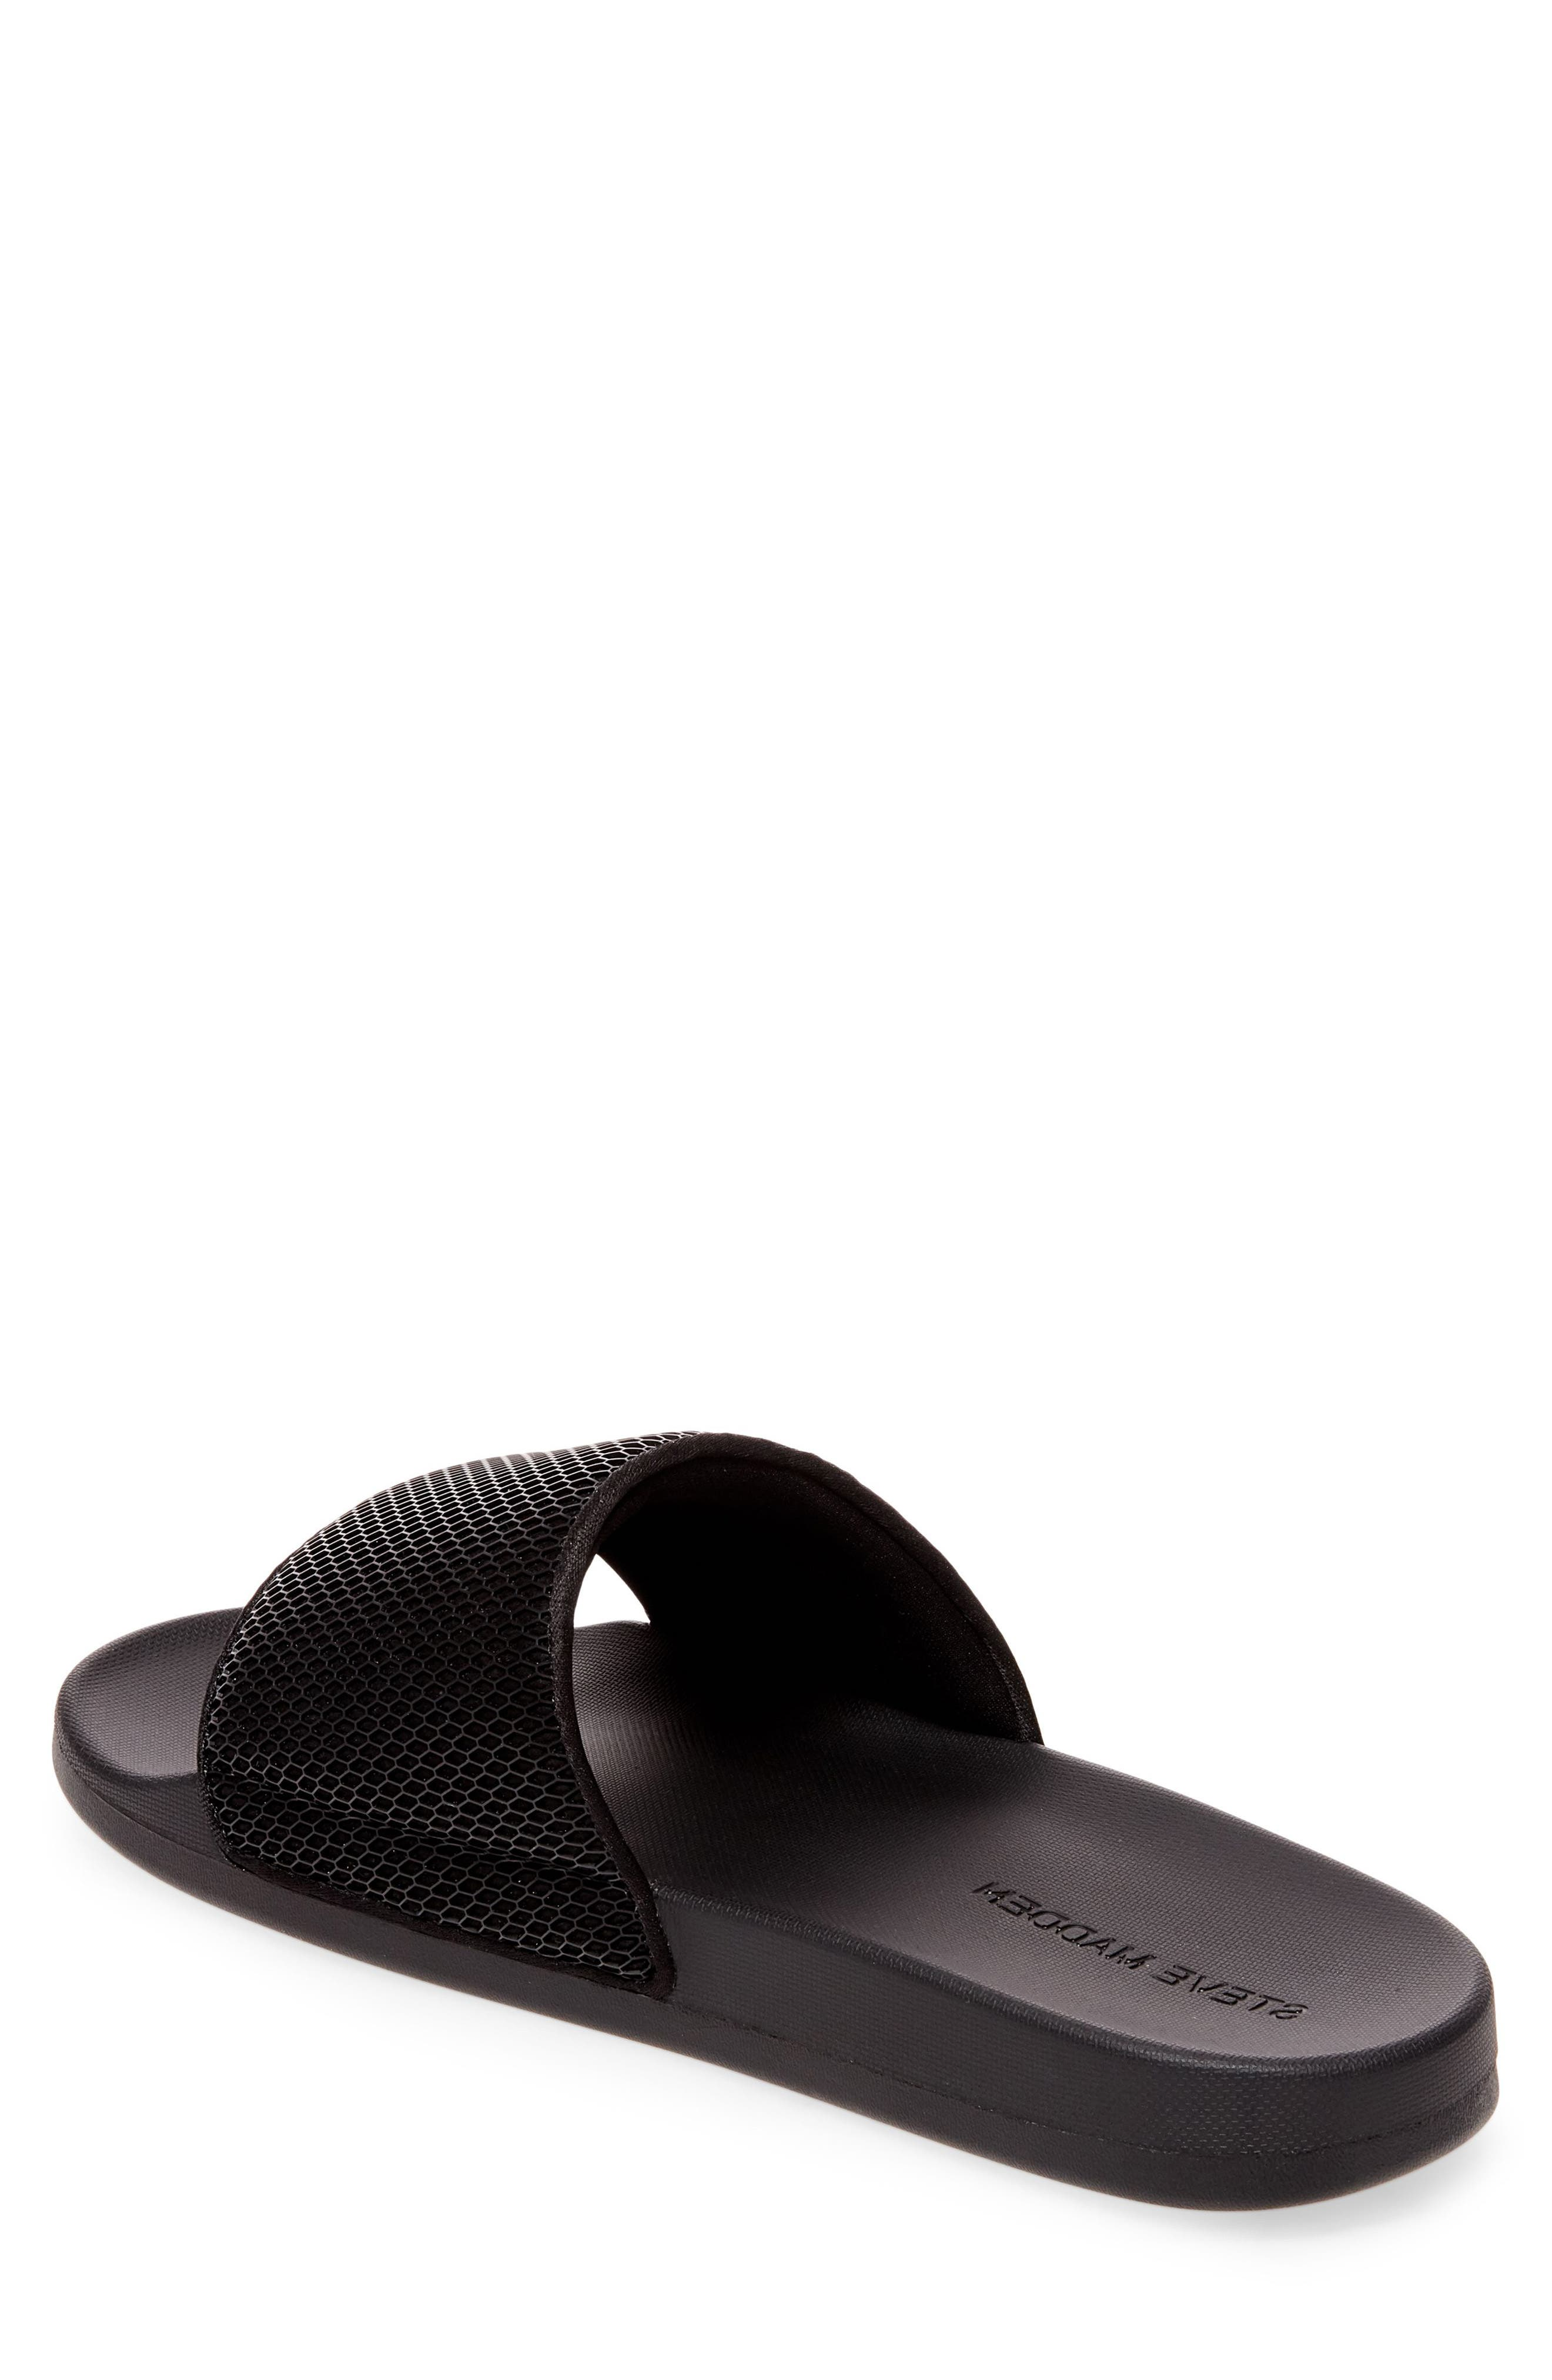 Ransom Slide Sandal,                             Alternate thumbnail 3, color,                             Black